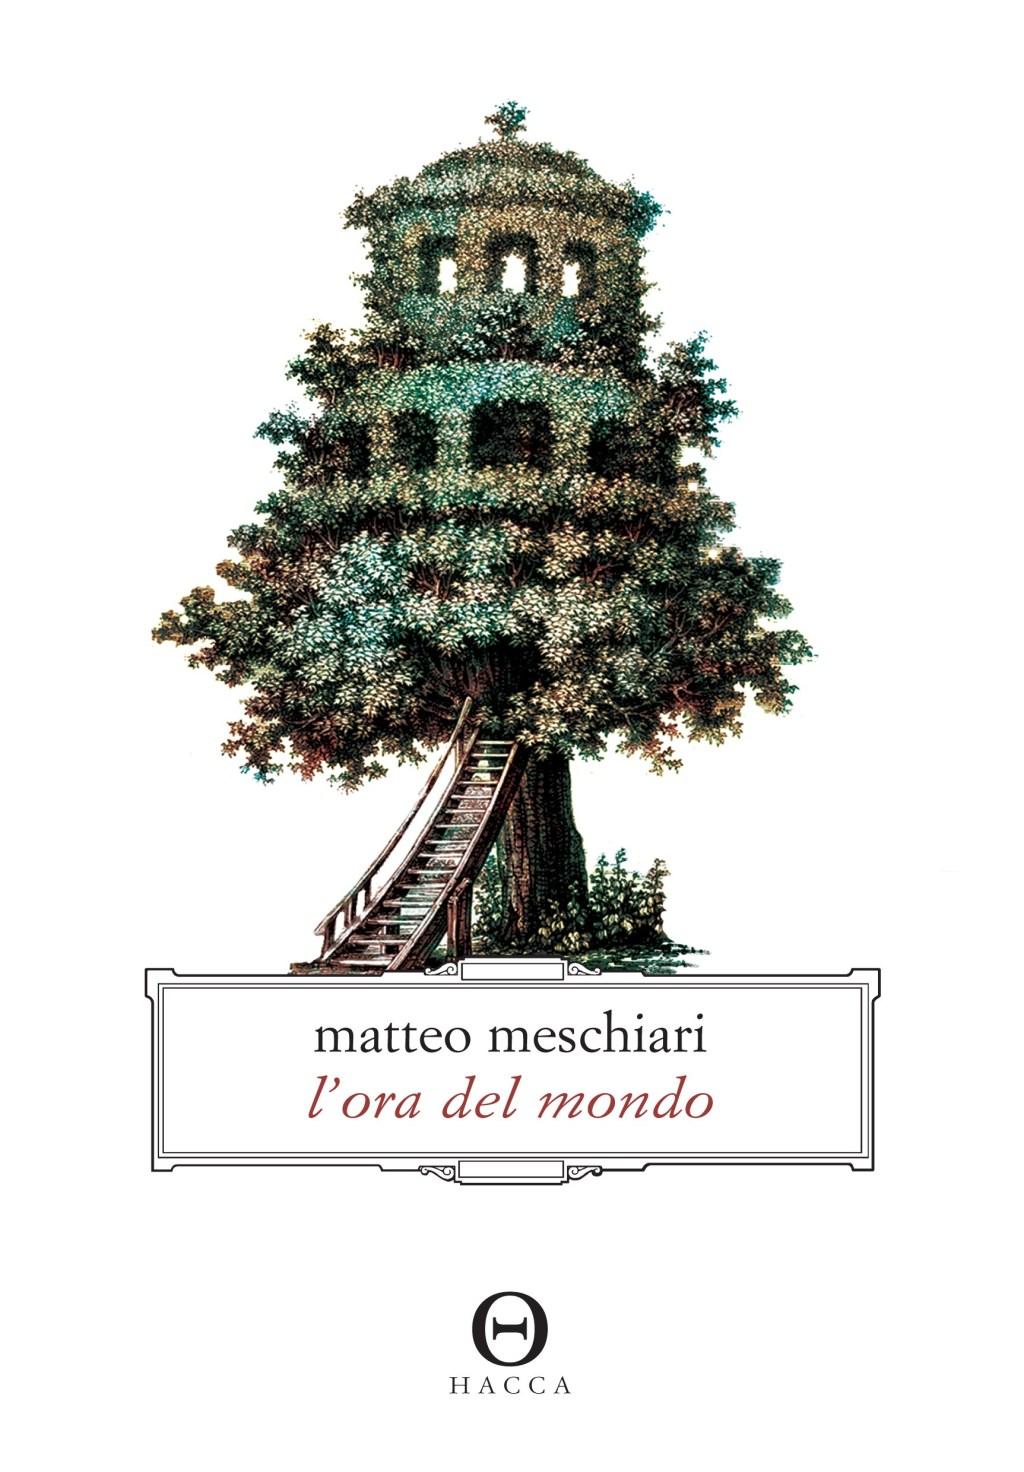 Matteo Meschiari